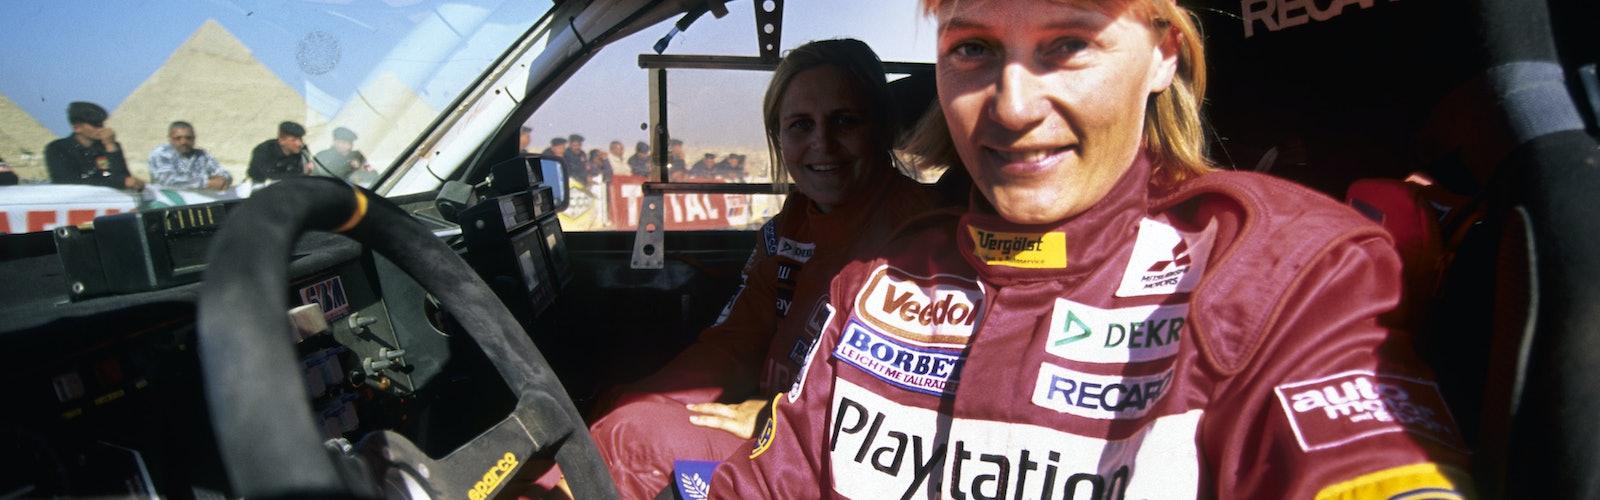 2000 Paris Dakar Cairoworld wide copyright: McKlein